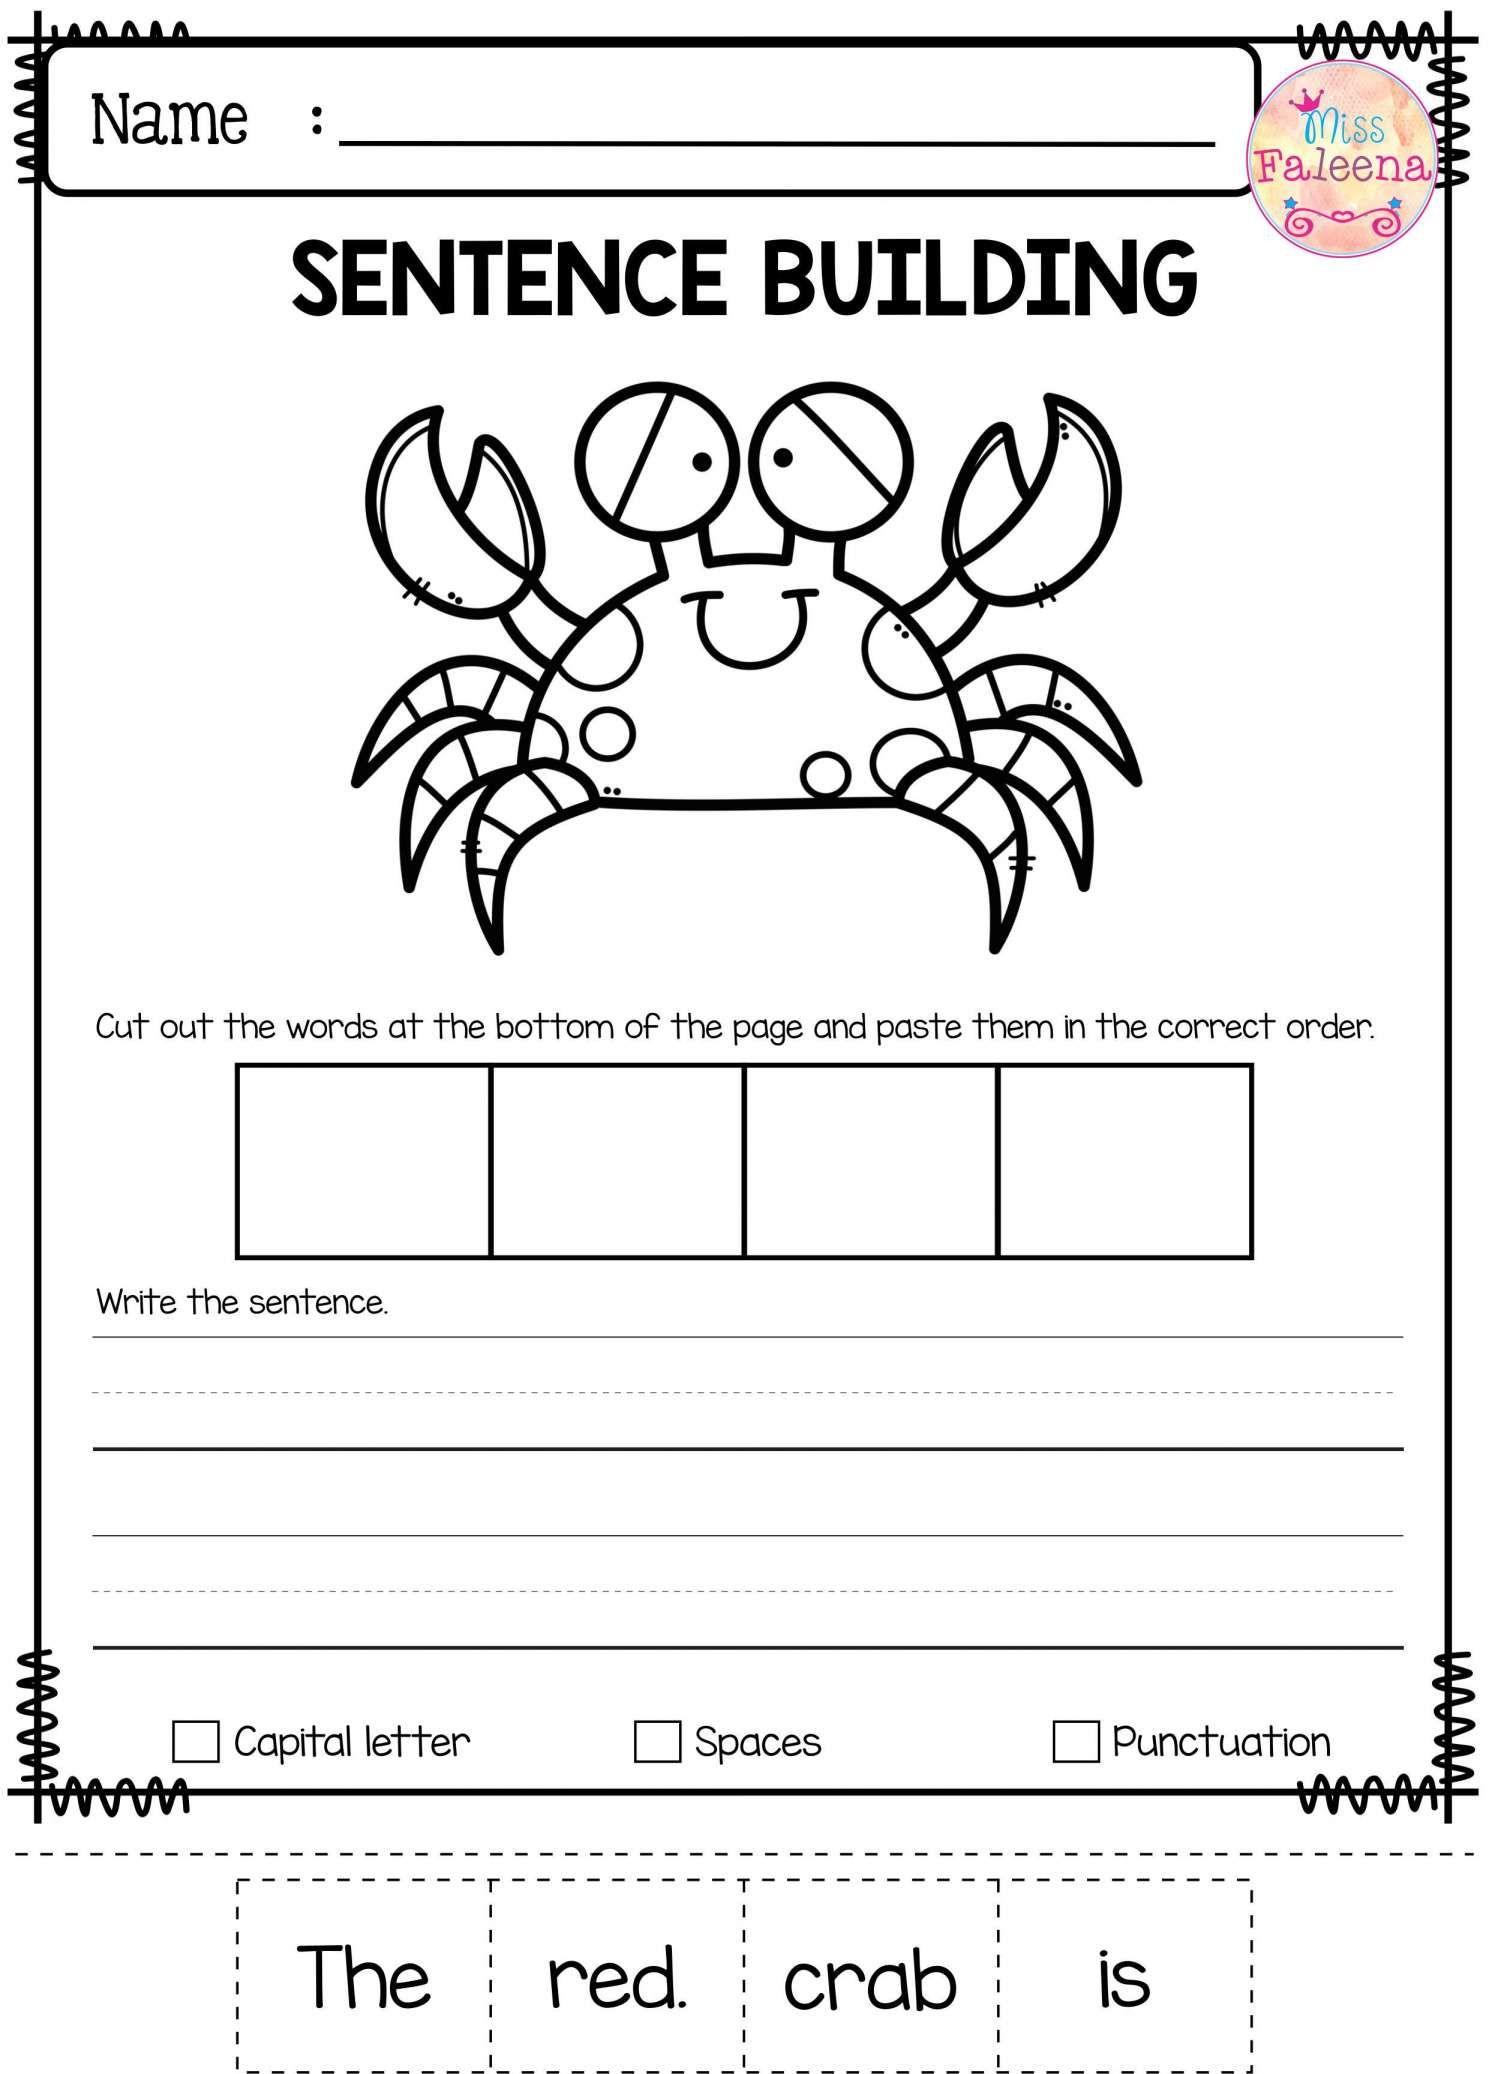 8 Build Sentences Worksheet 1st Grade Sentence Building Kindergarten Worksheets Printable Writing Sentences Worksheets